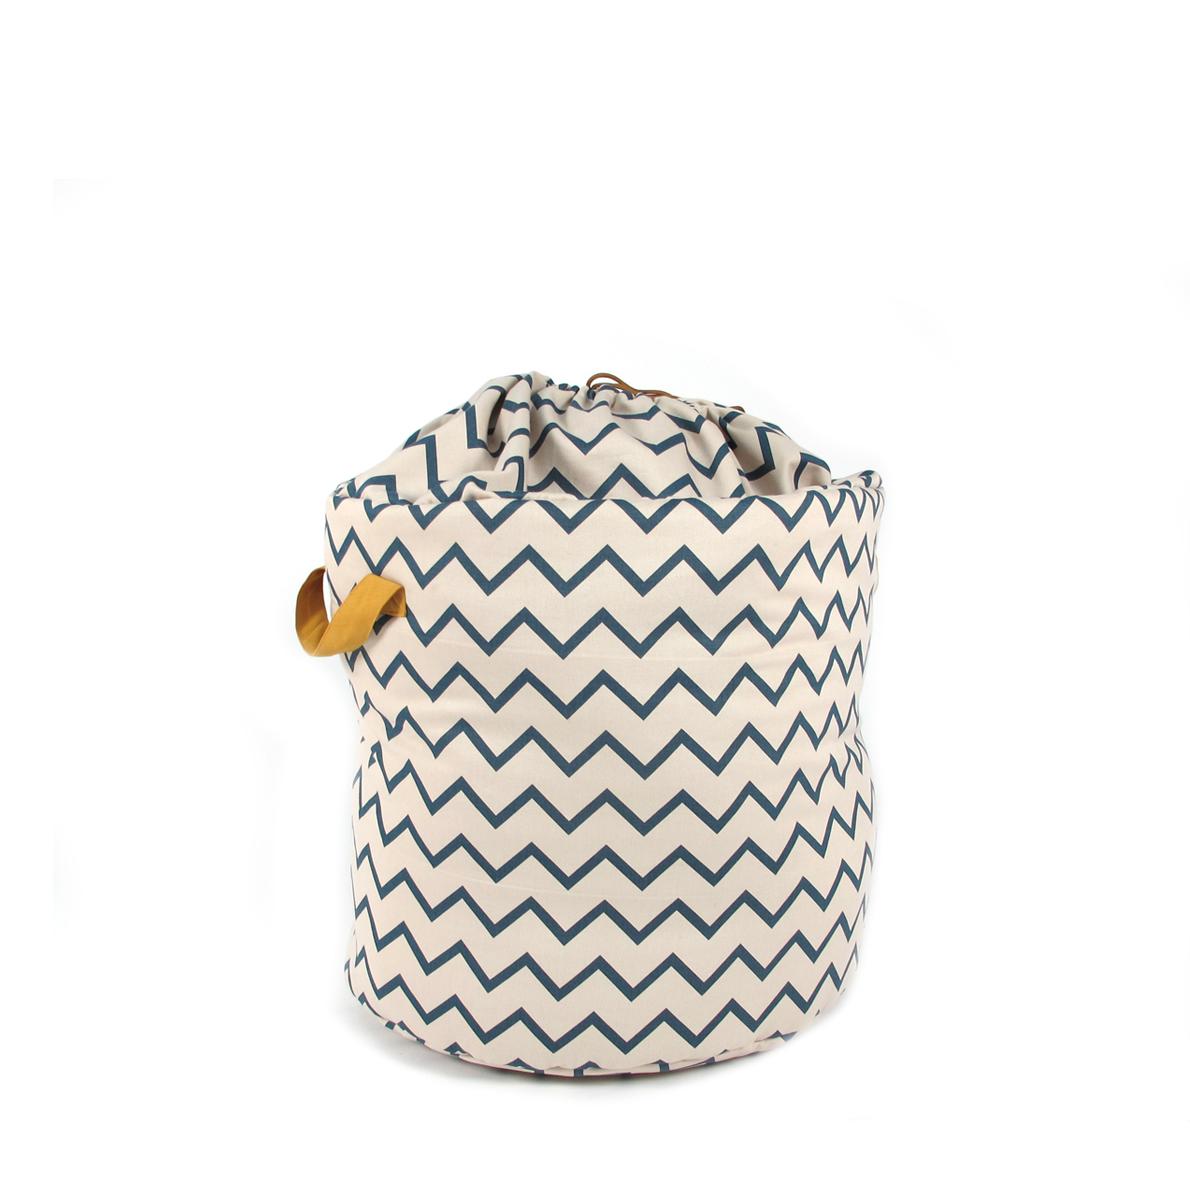 panier de rangement baobab s zig zag bleu nobodinoz pour chambre enfant les enfants du design. Black Bedroom Furniture Sets. Home Design Ideas